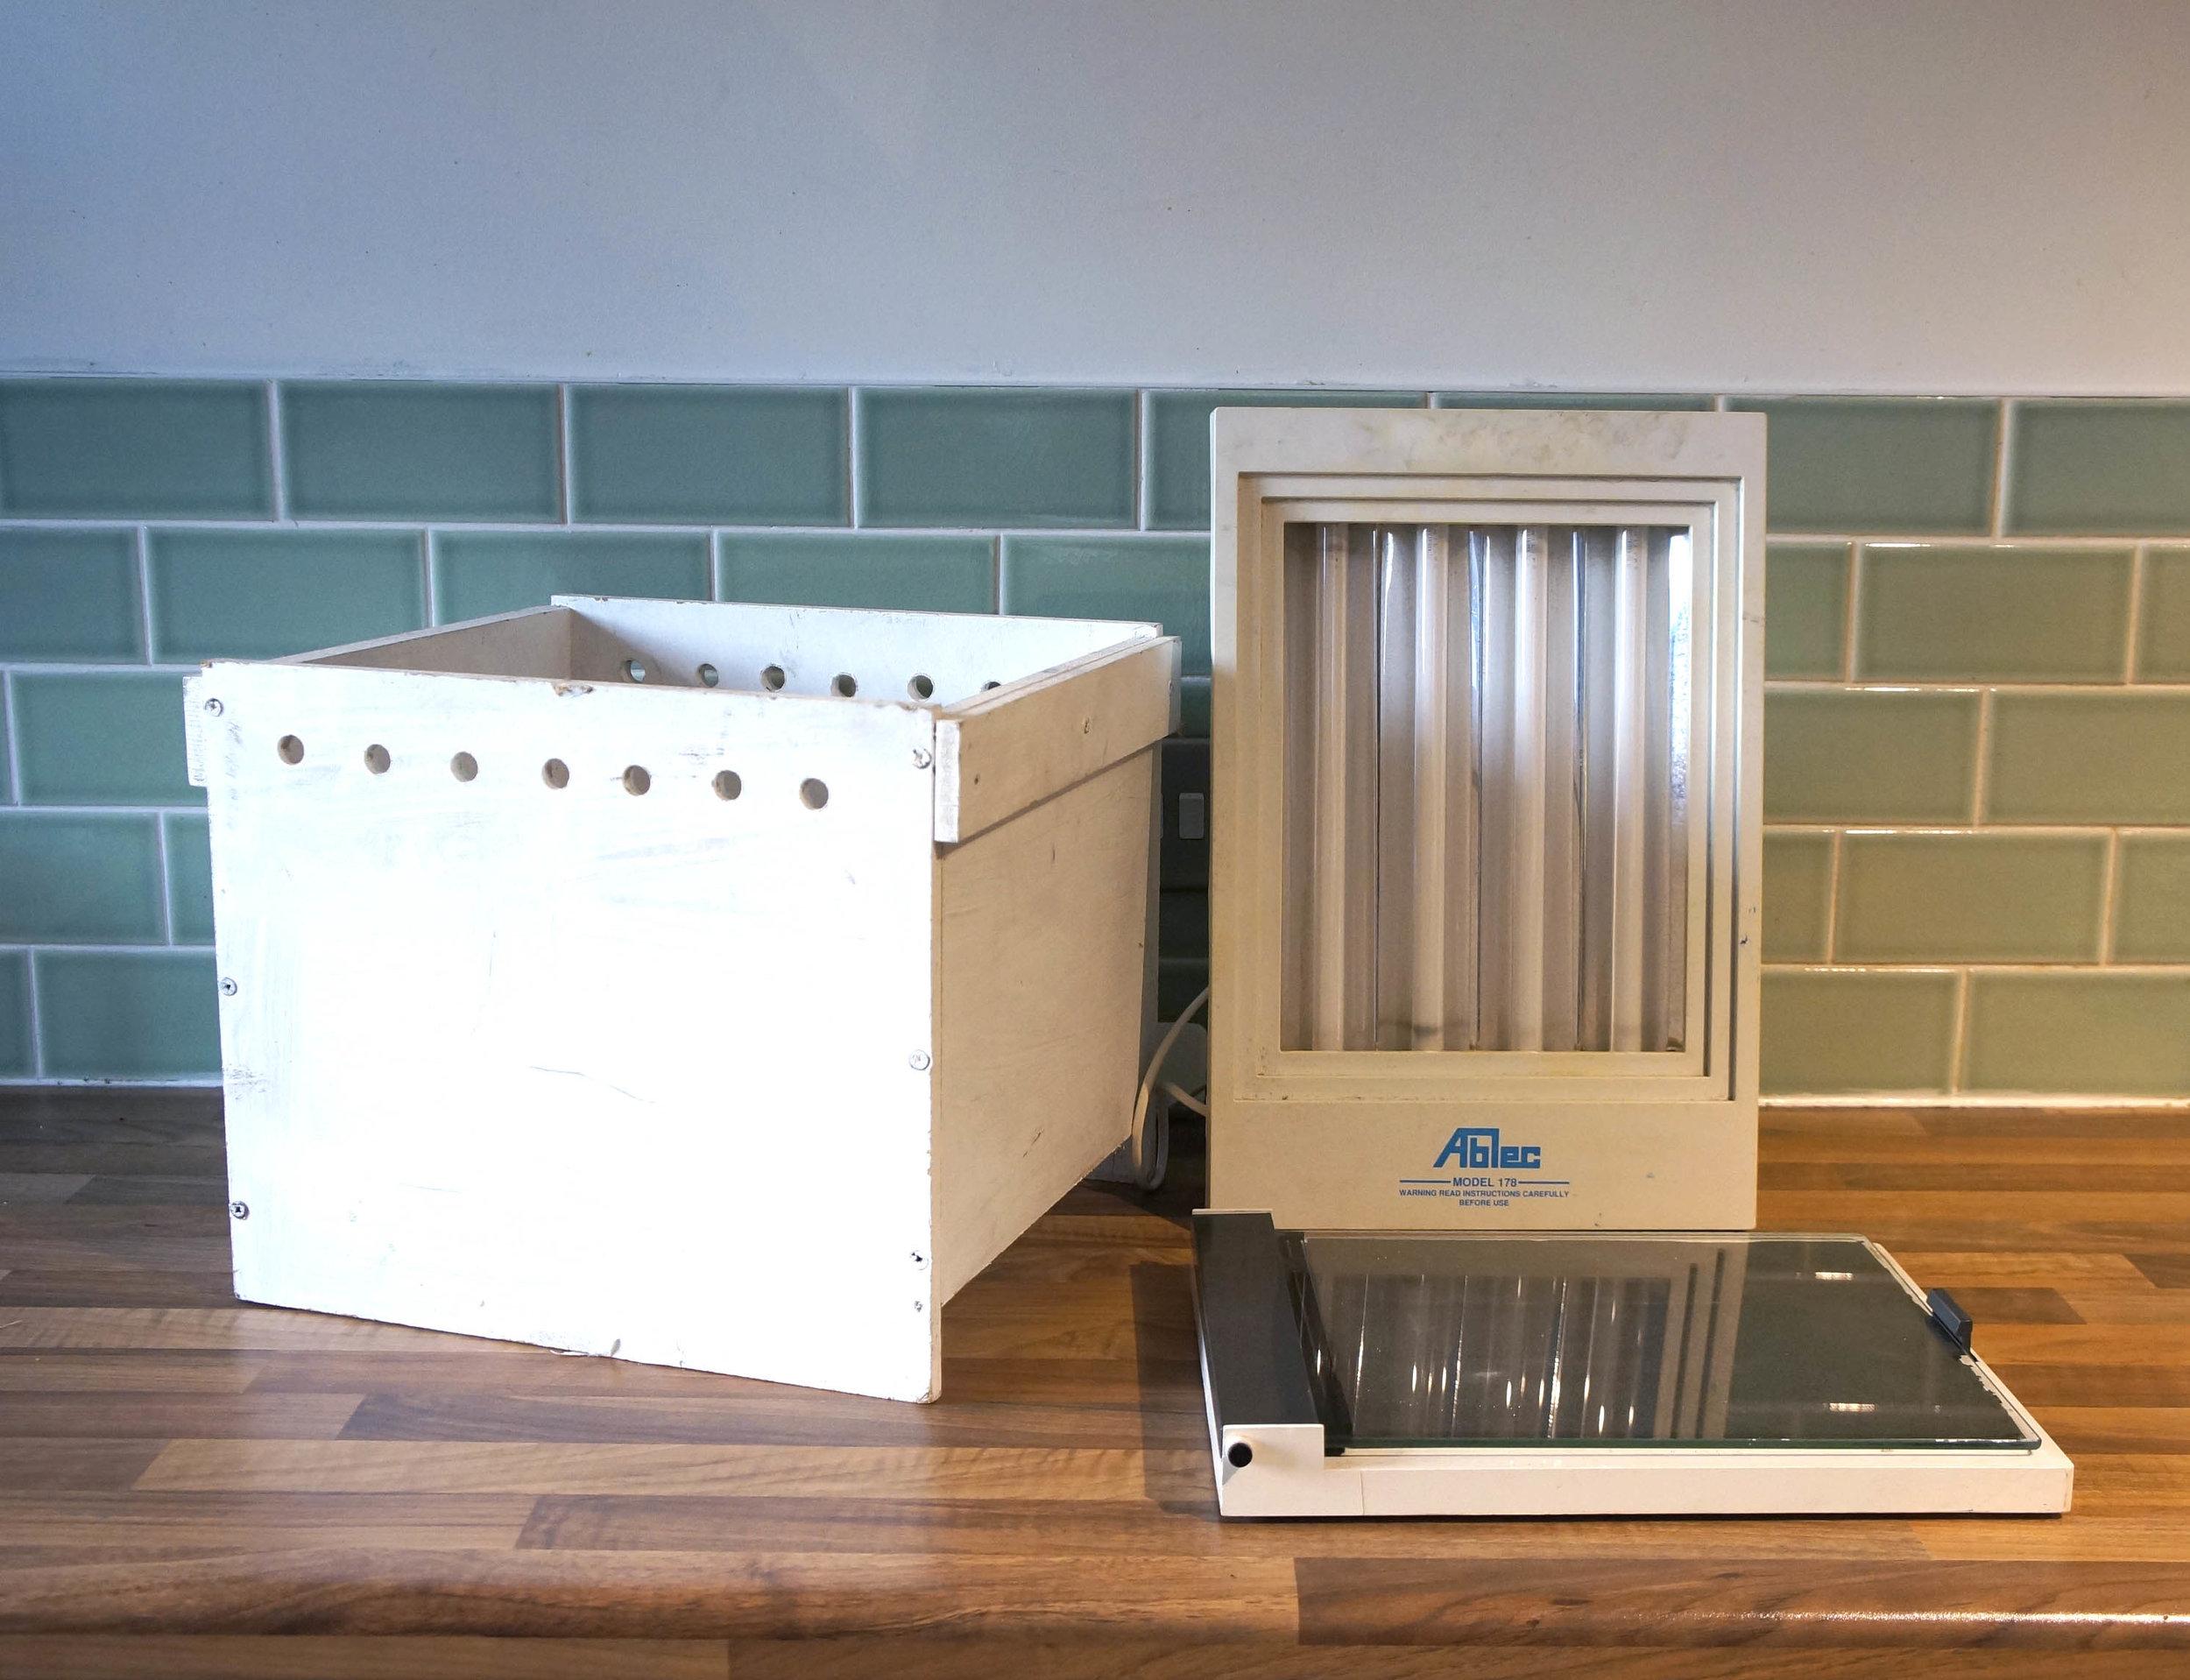 DIY solar plate uv exposure unit